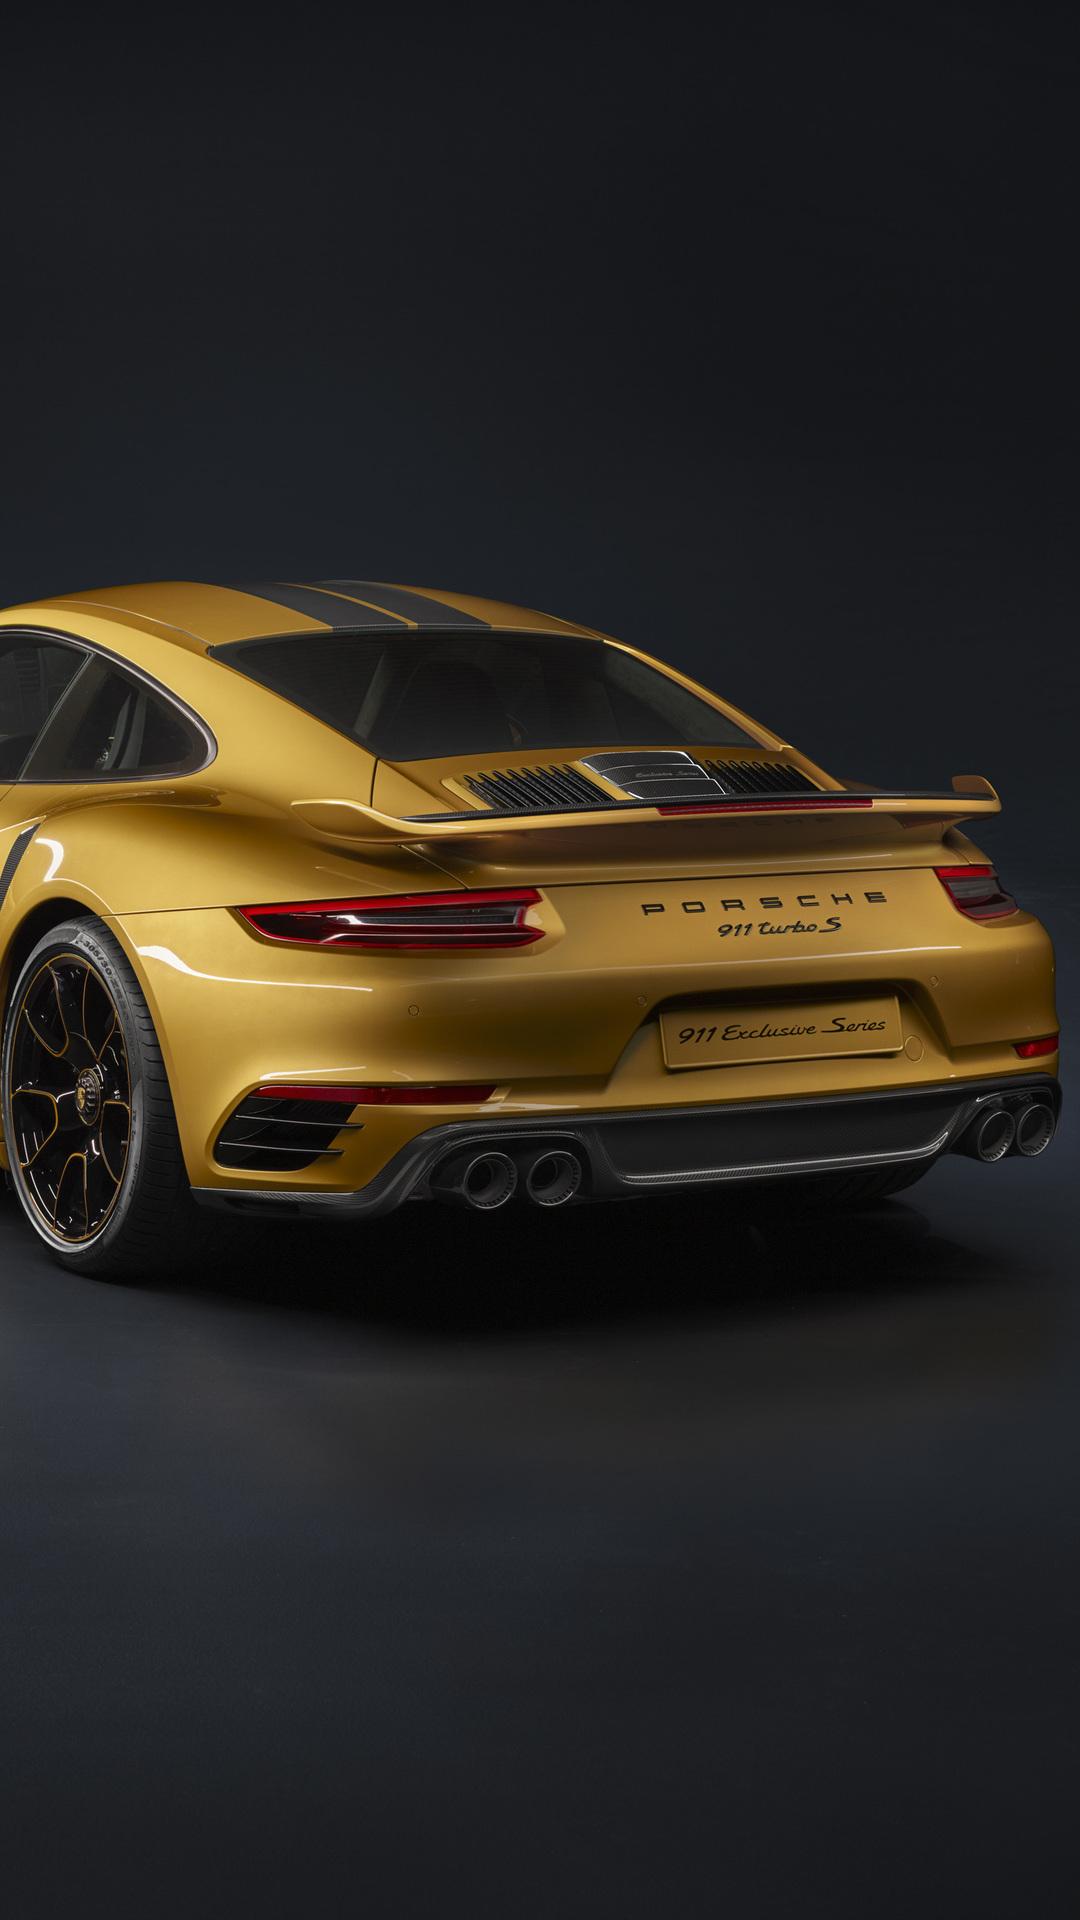 Porsche 911 Turbo S Exclusive Series Best Htc One Wallpapers